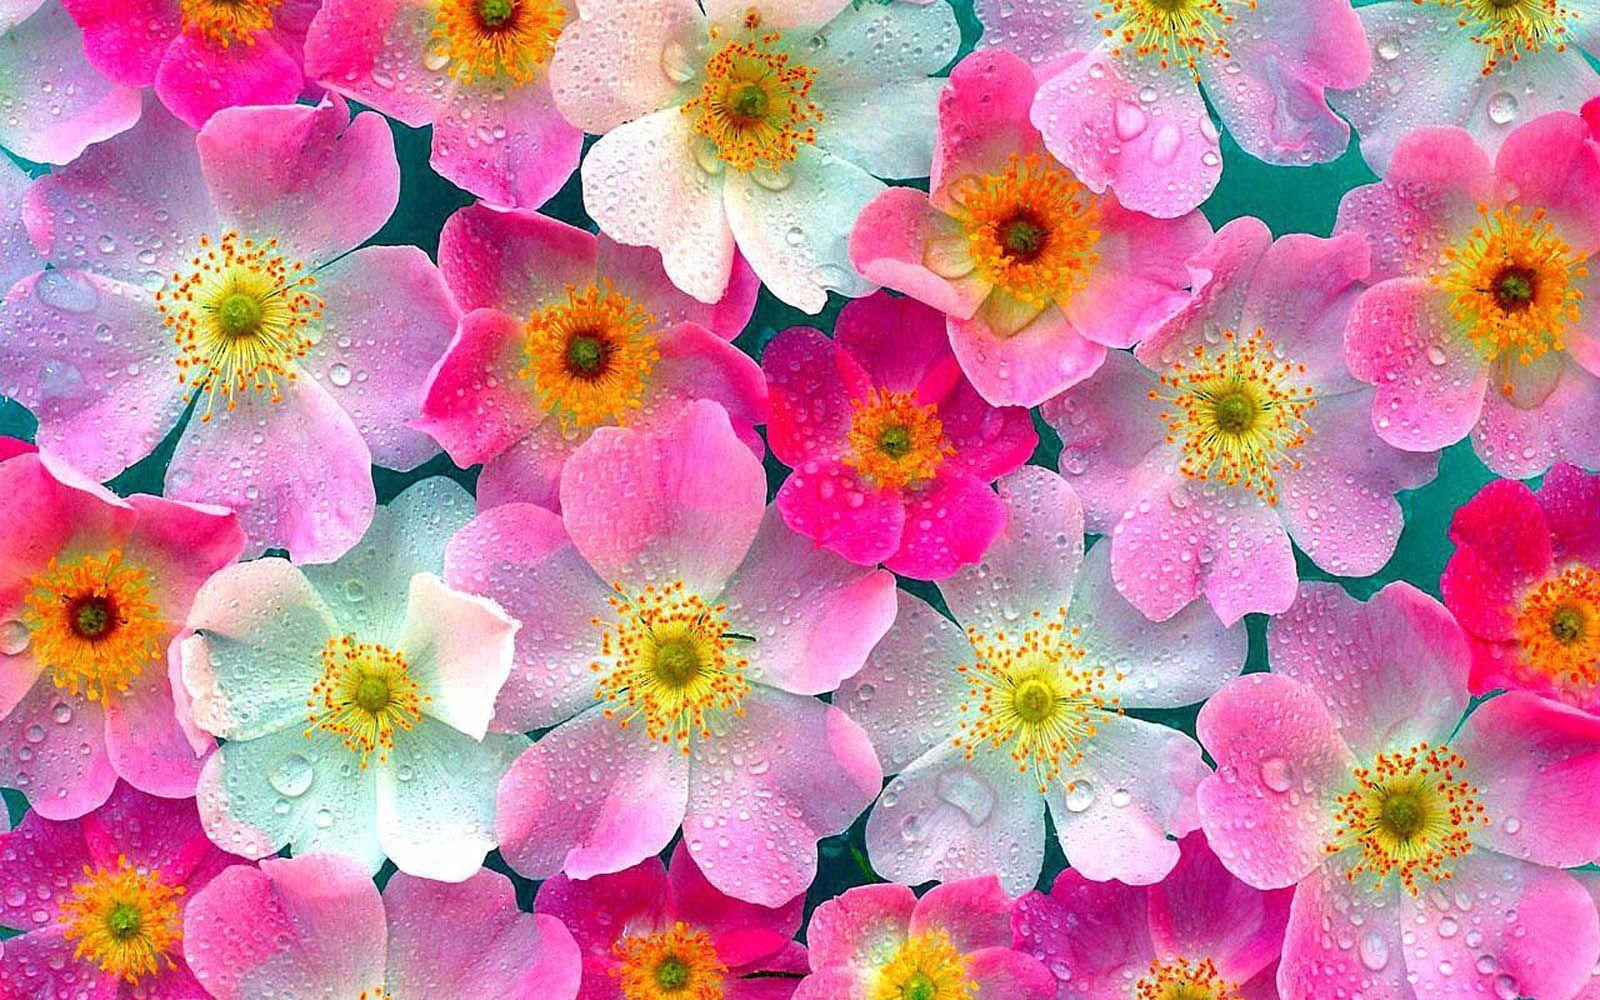 Scopri che fiore sei [TEST]